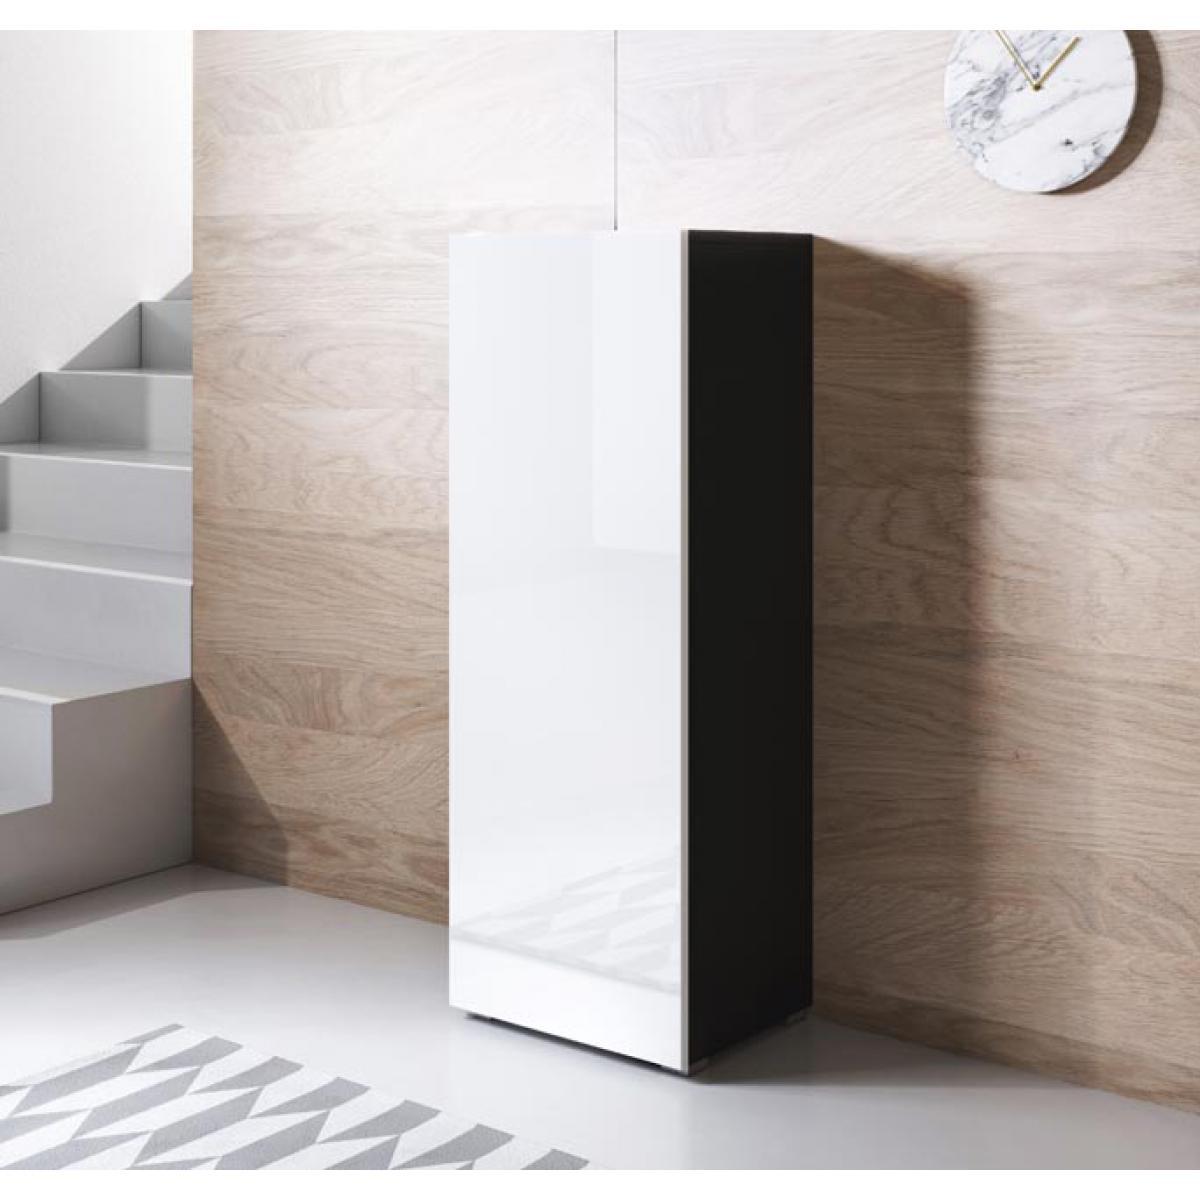 Design Ameublement Armoire modèle Luke V1 (40x128cm) couleur noir et blanc avec pieds standard